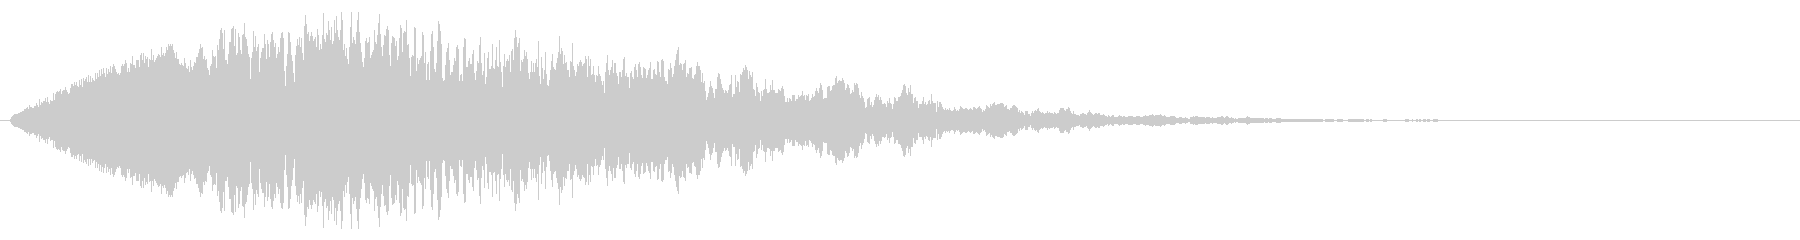 フォーン(近未来的なワープ音)の未再生の波形